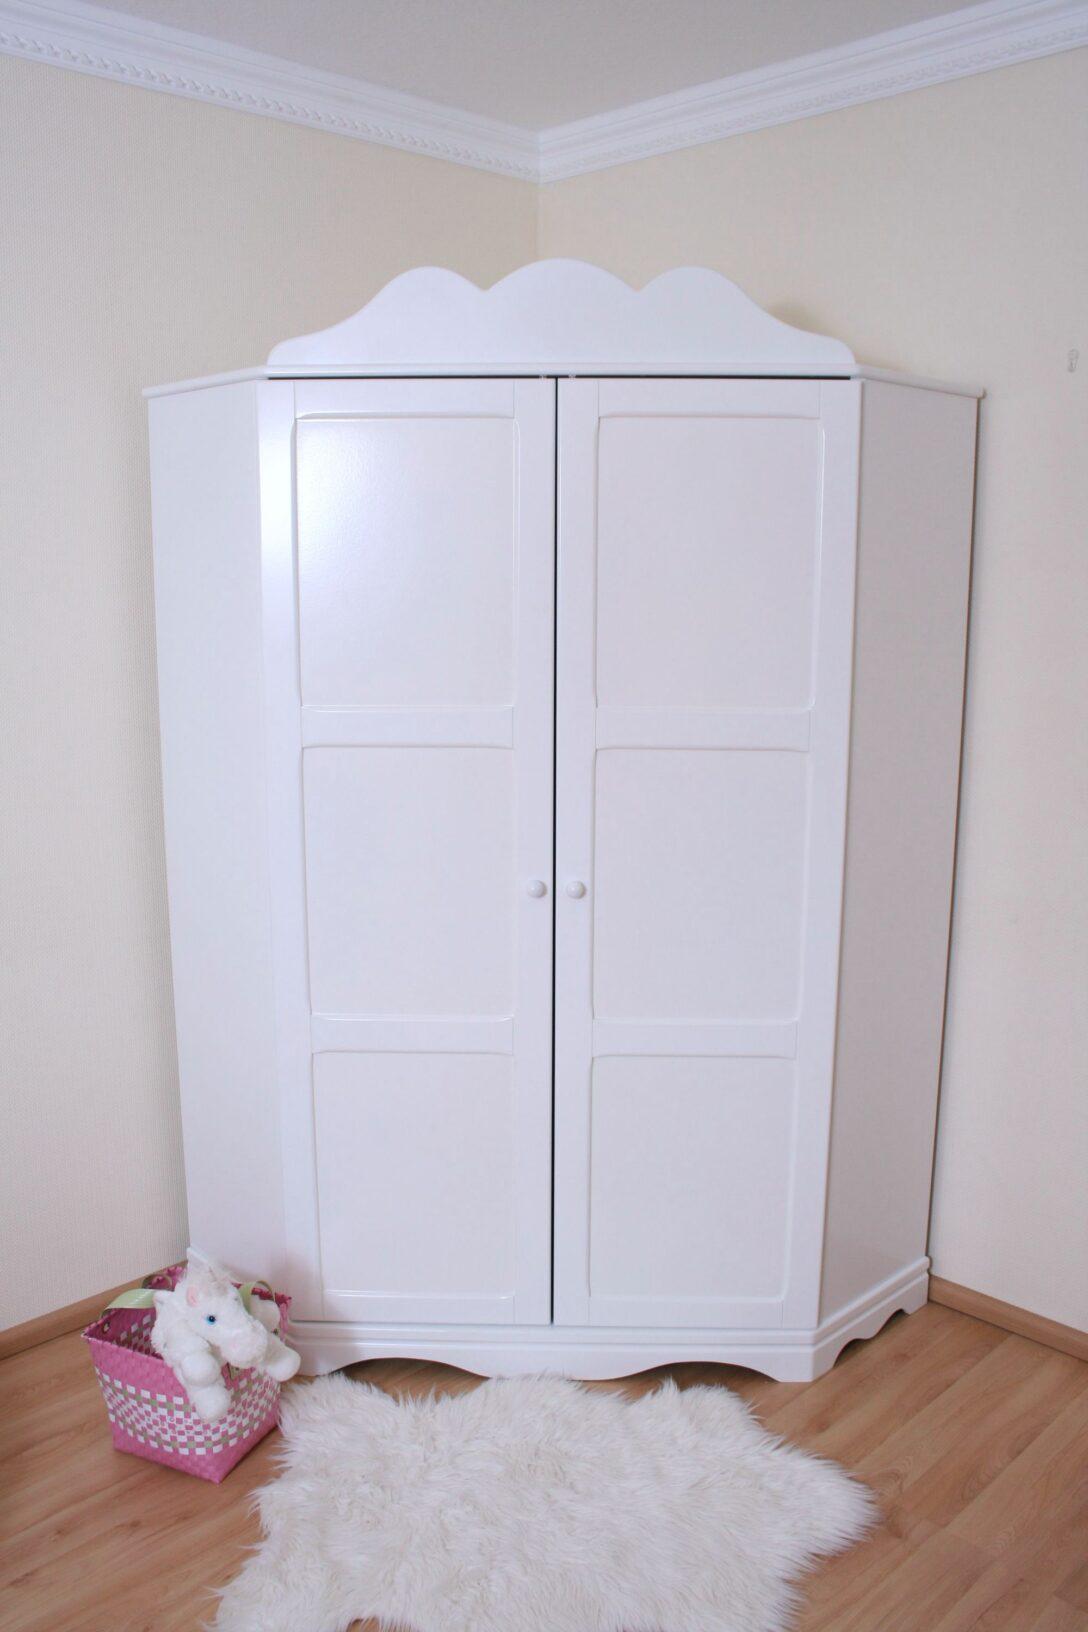 Large Size of Eckschrank Wei Oliniki Bad Kommode Weiß Hochglanz Bett 140x200 Küche Betten Kleiner Esstisch Oval 200x200 Runder Ausziehbar Hängeschrank Weißes Wohnzimmer Eckschrank Weiß